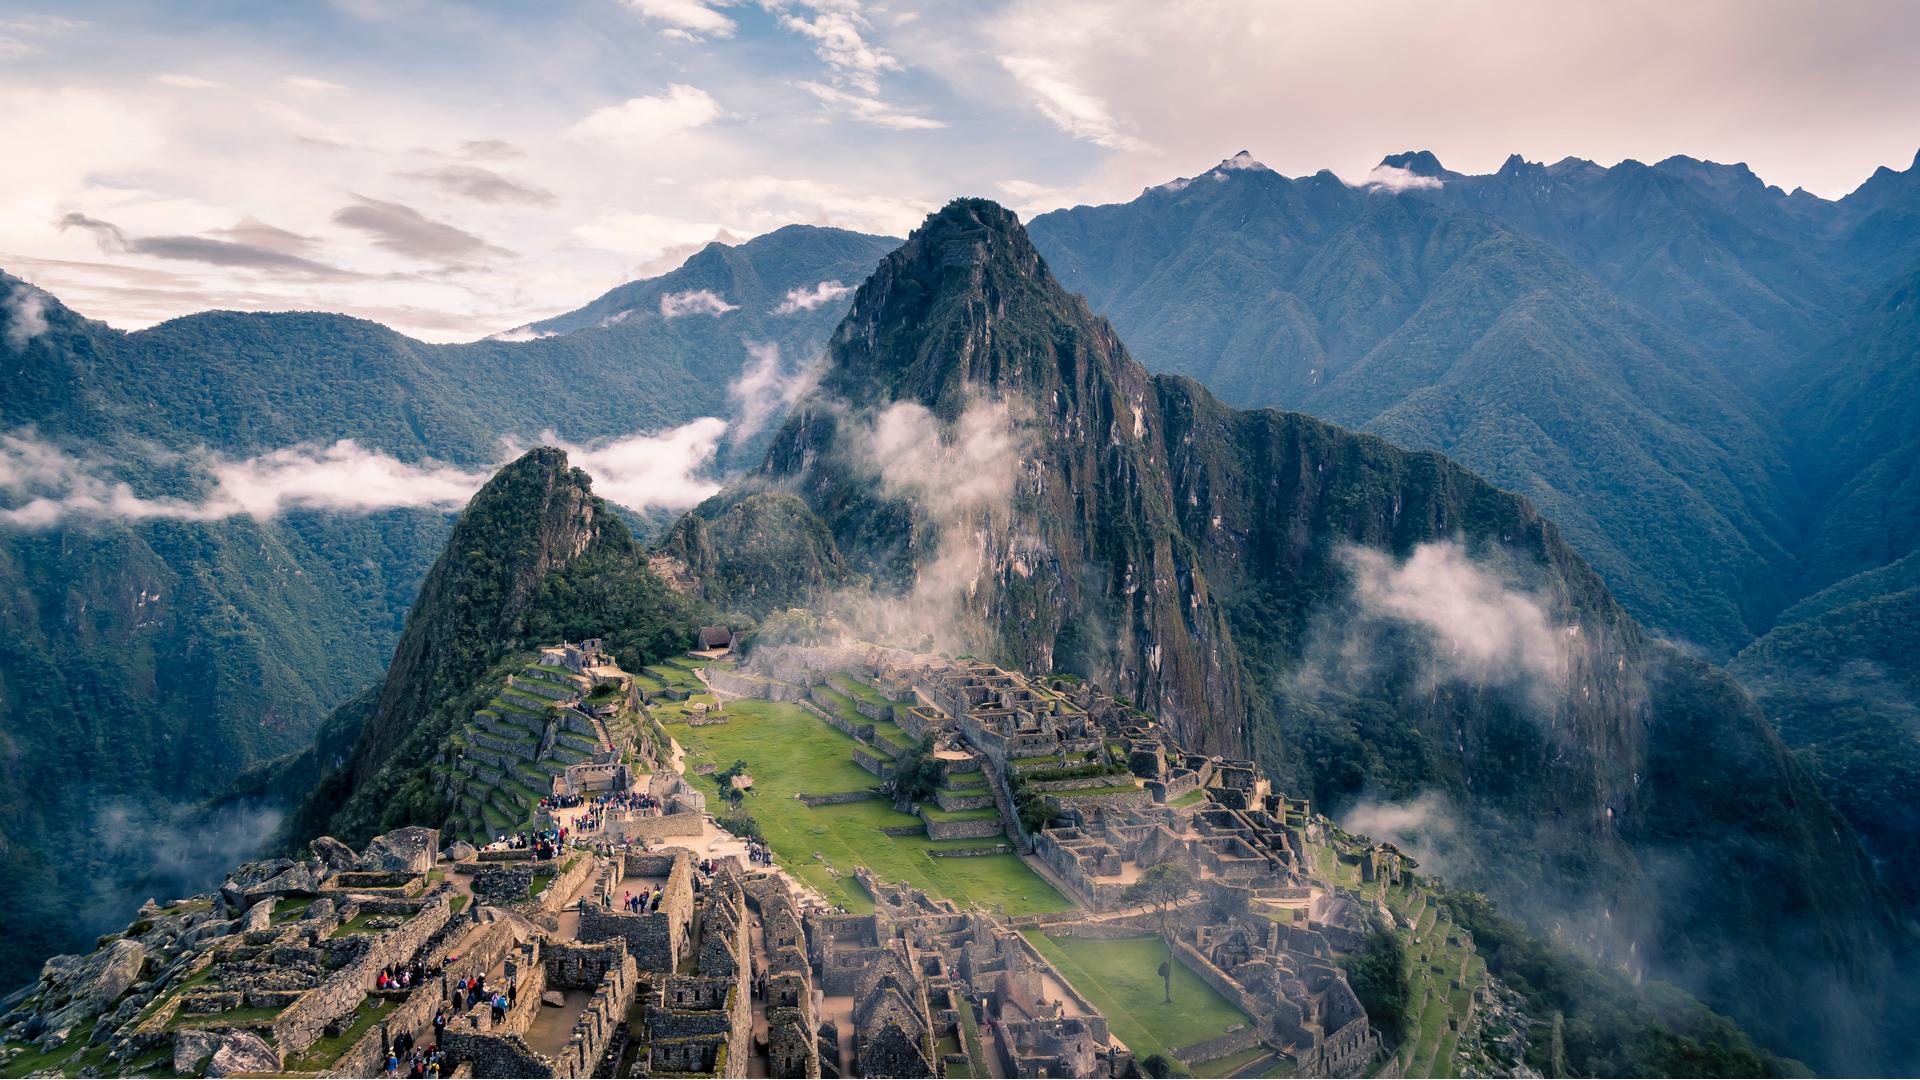 A view in Peru